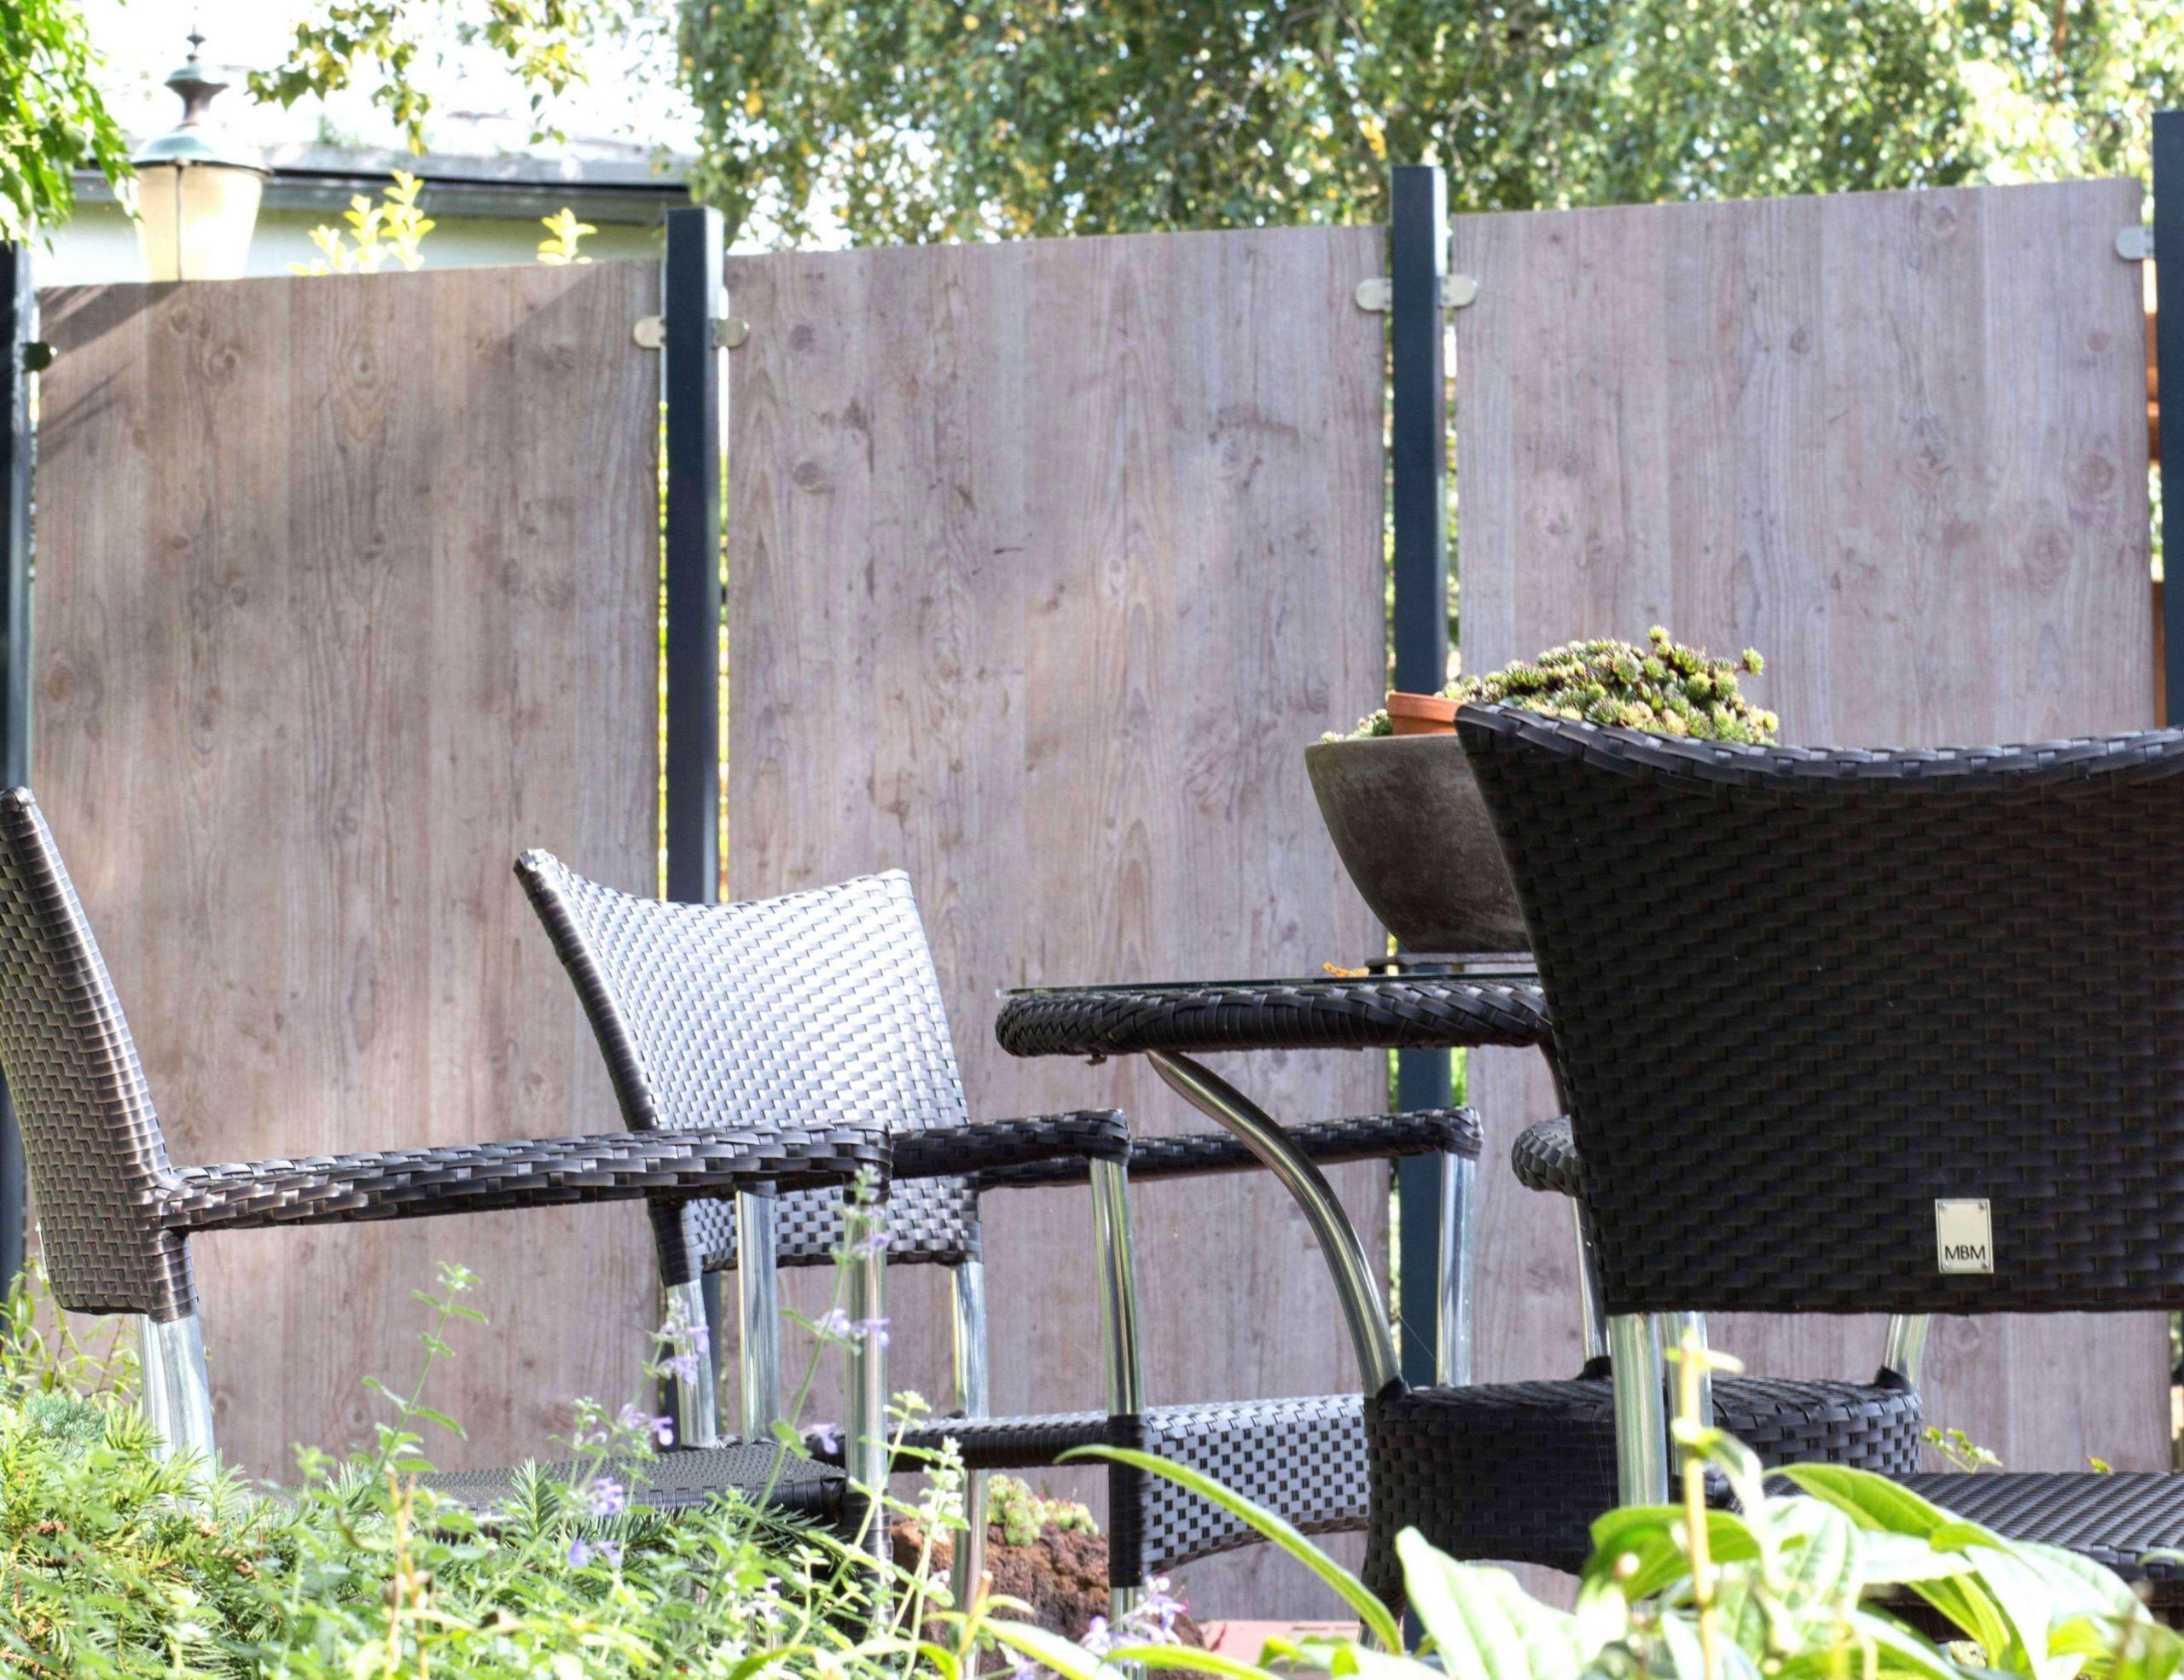 blumen garten elegant sichtschutz garten terrasse beste sichtschutz garten pflanzen sichtschutz garten pflanzen